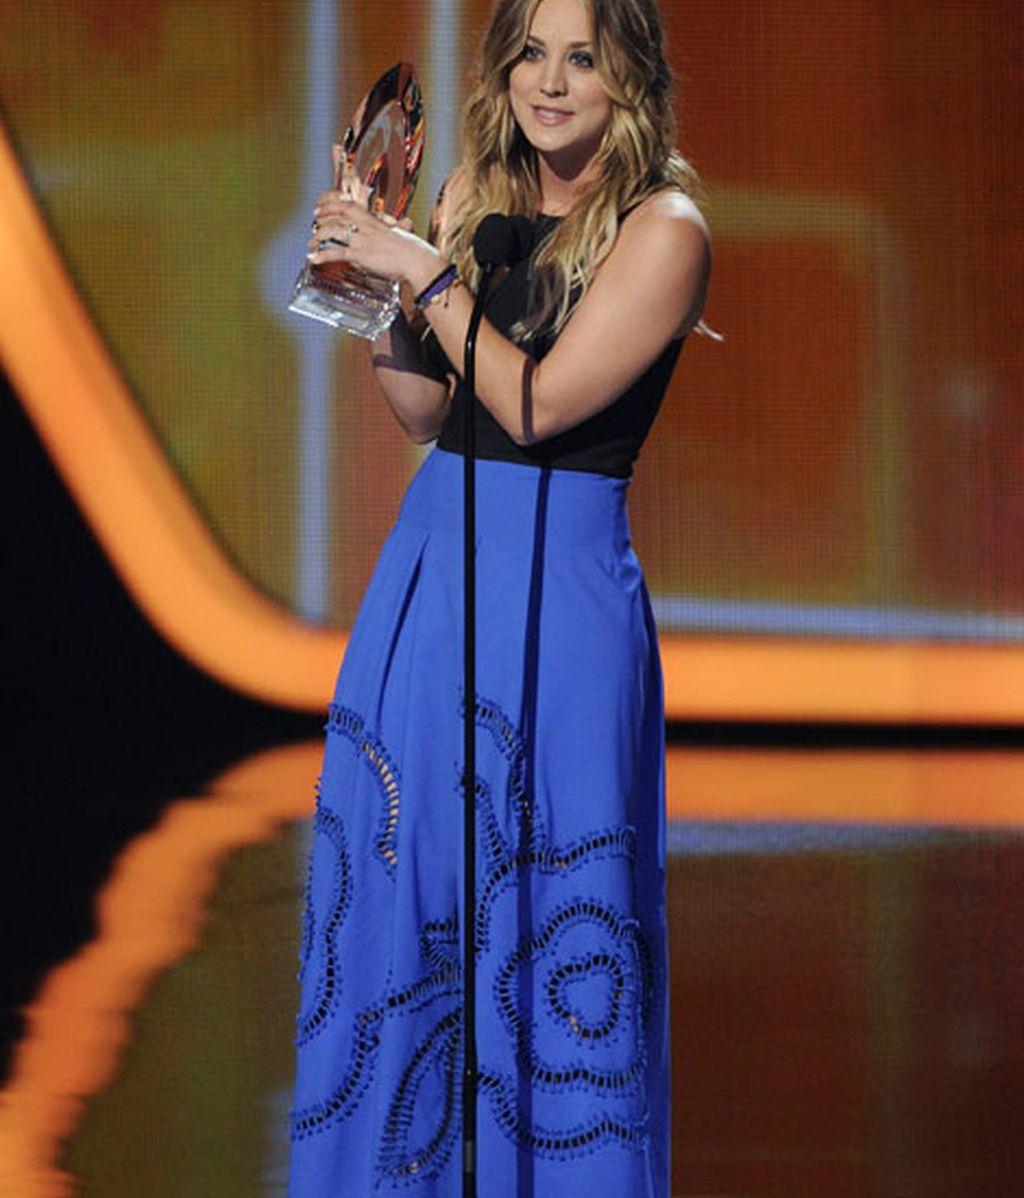 La recién casada Kaley Cuoco ganó el premio a actriz favorita de comedia